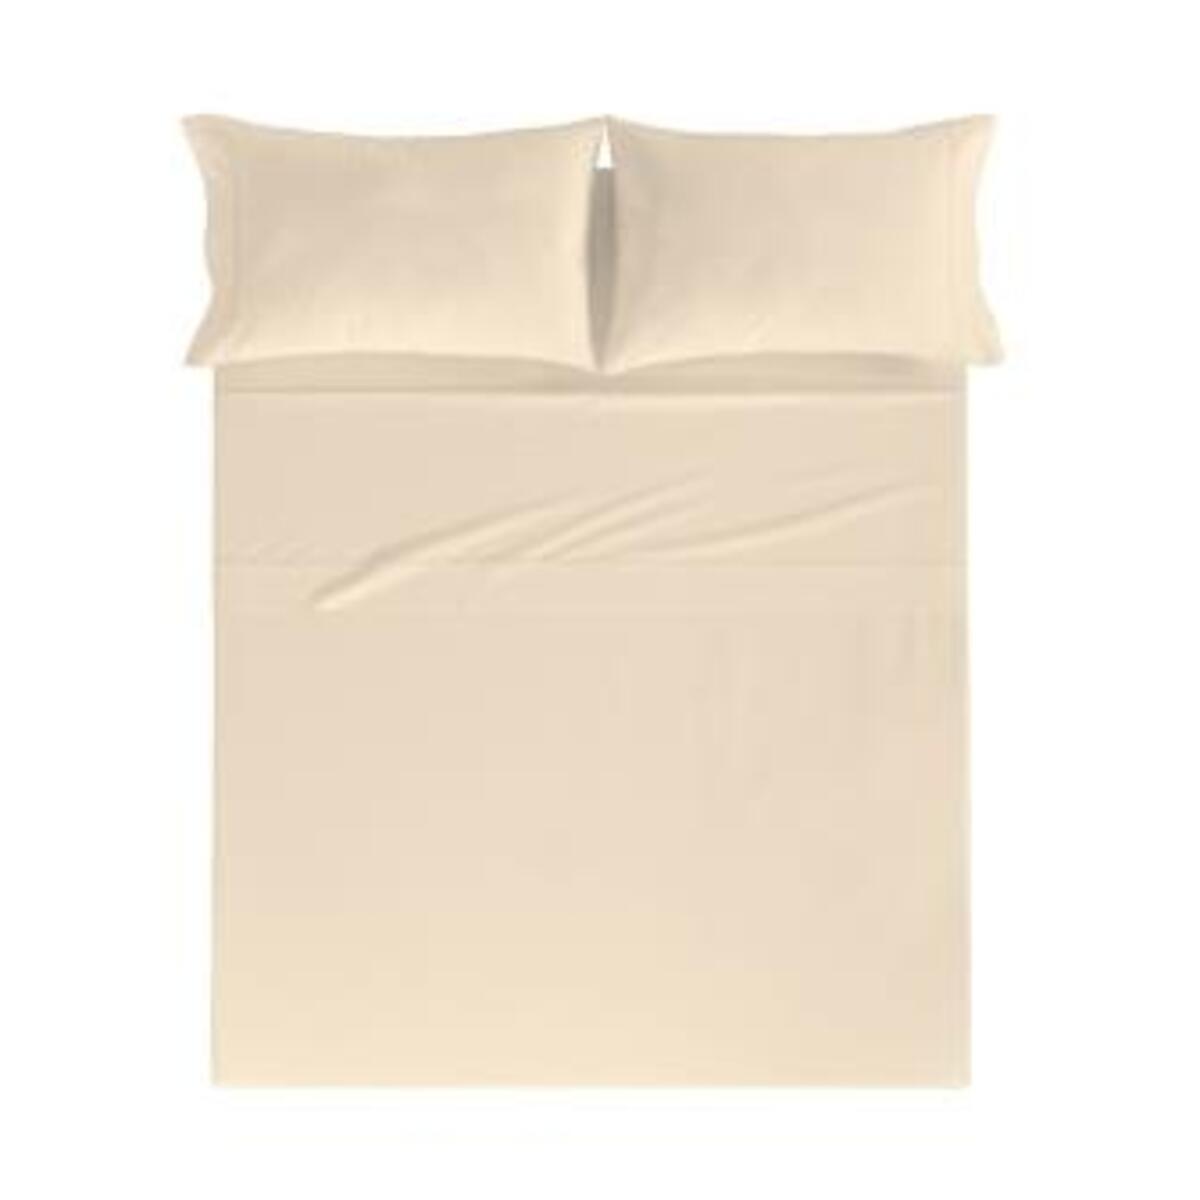 Drap de lit en coton percale crème 250x280